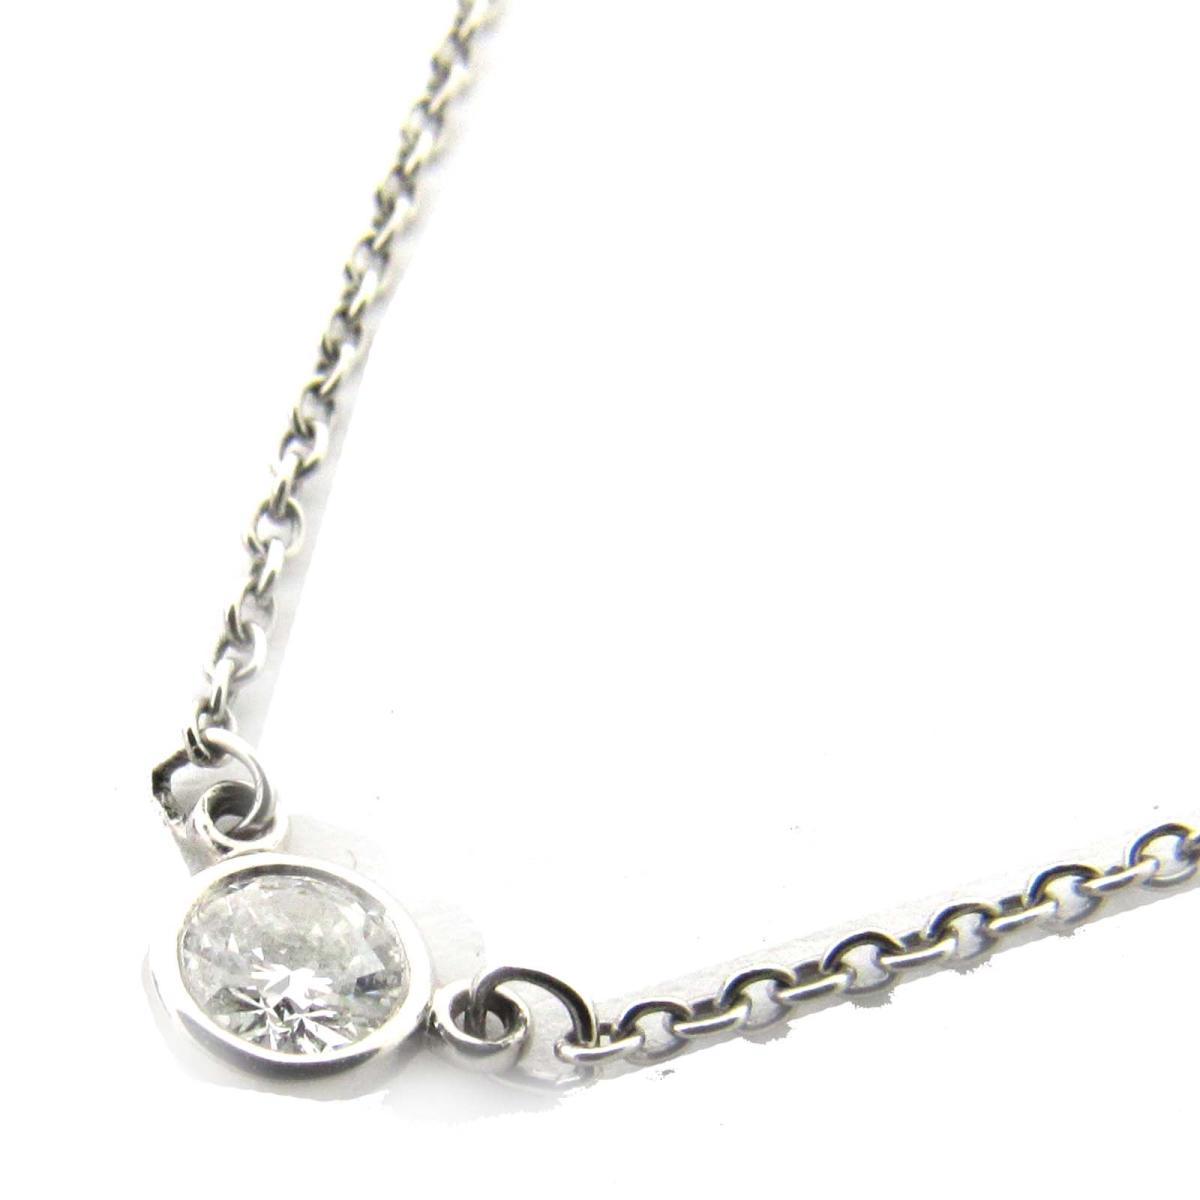 ダイヤモンド ネックレス/おすすめ/SALE